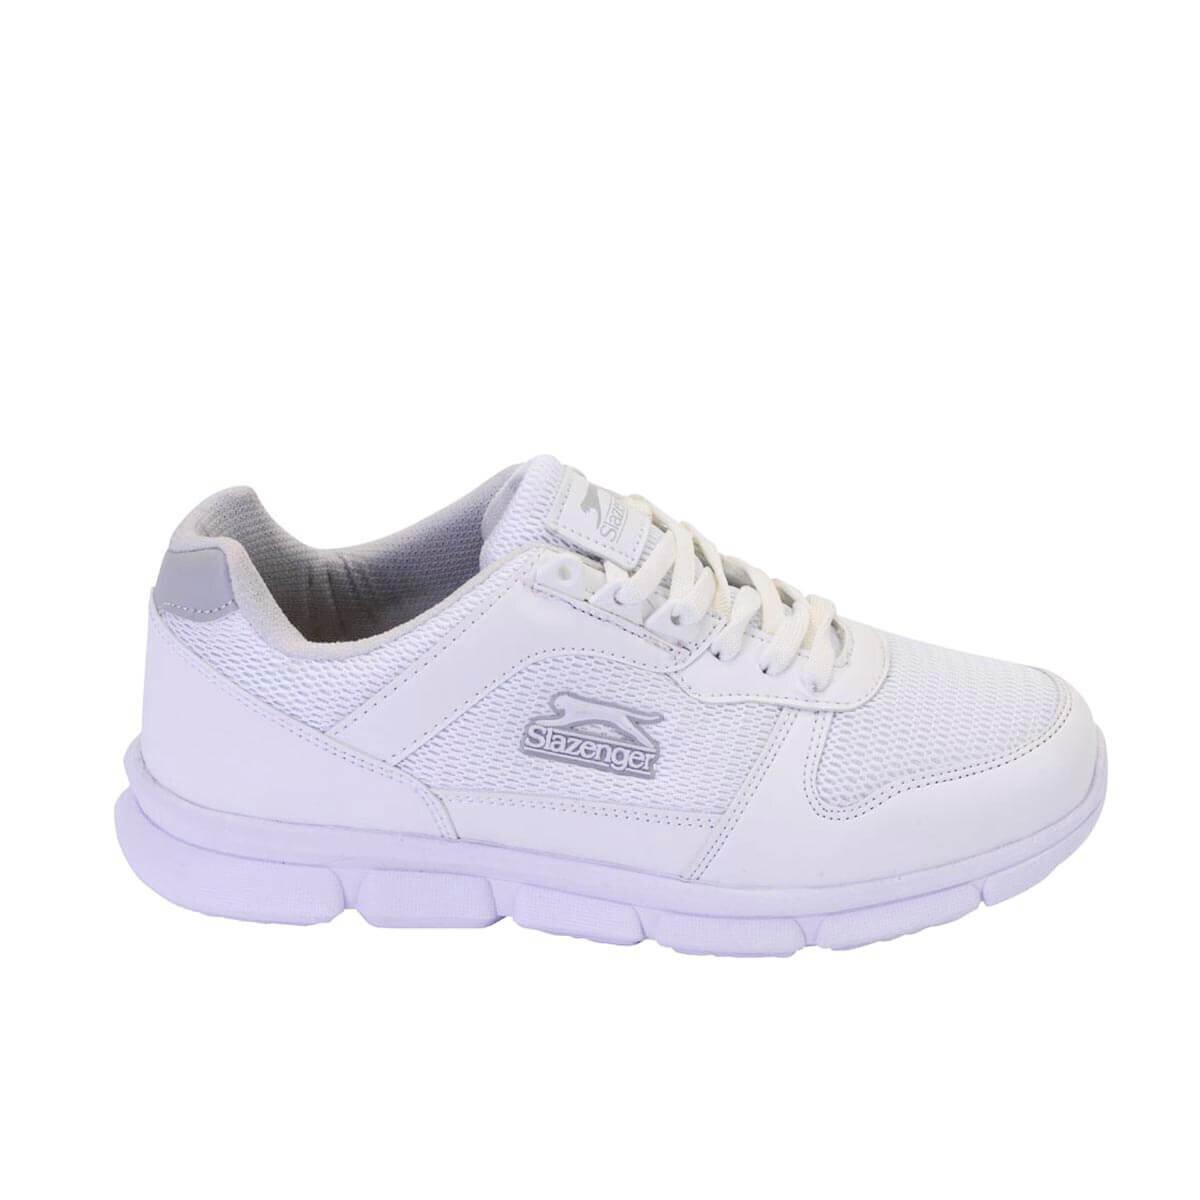 BEYAZ Kadın Koşu Ayakkabısı INDRA